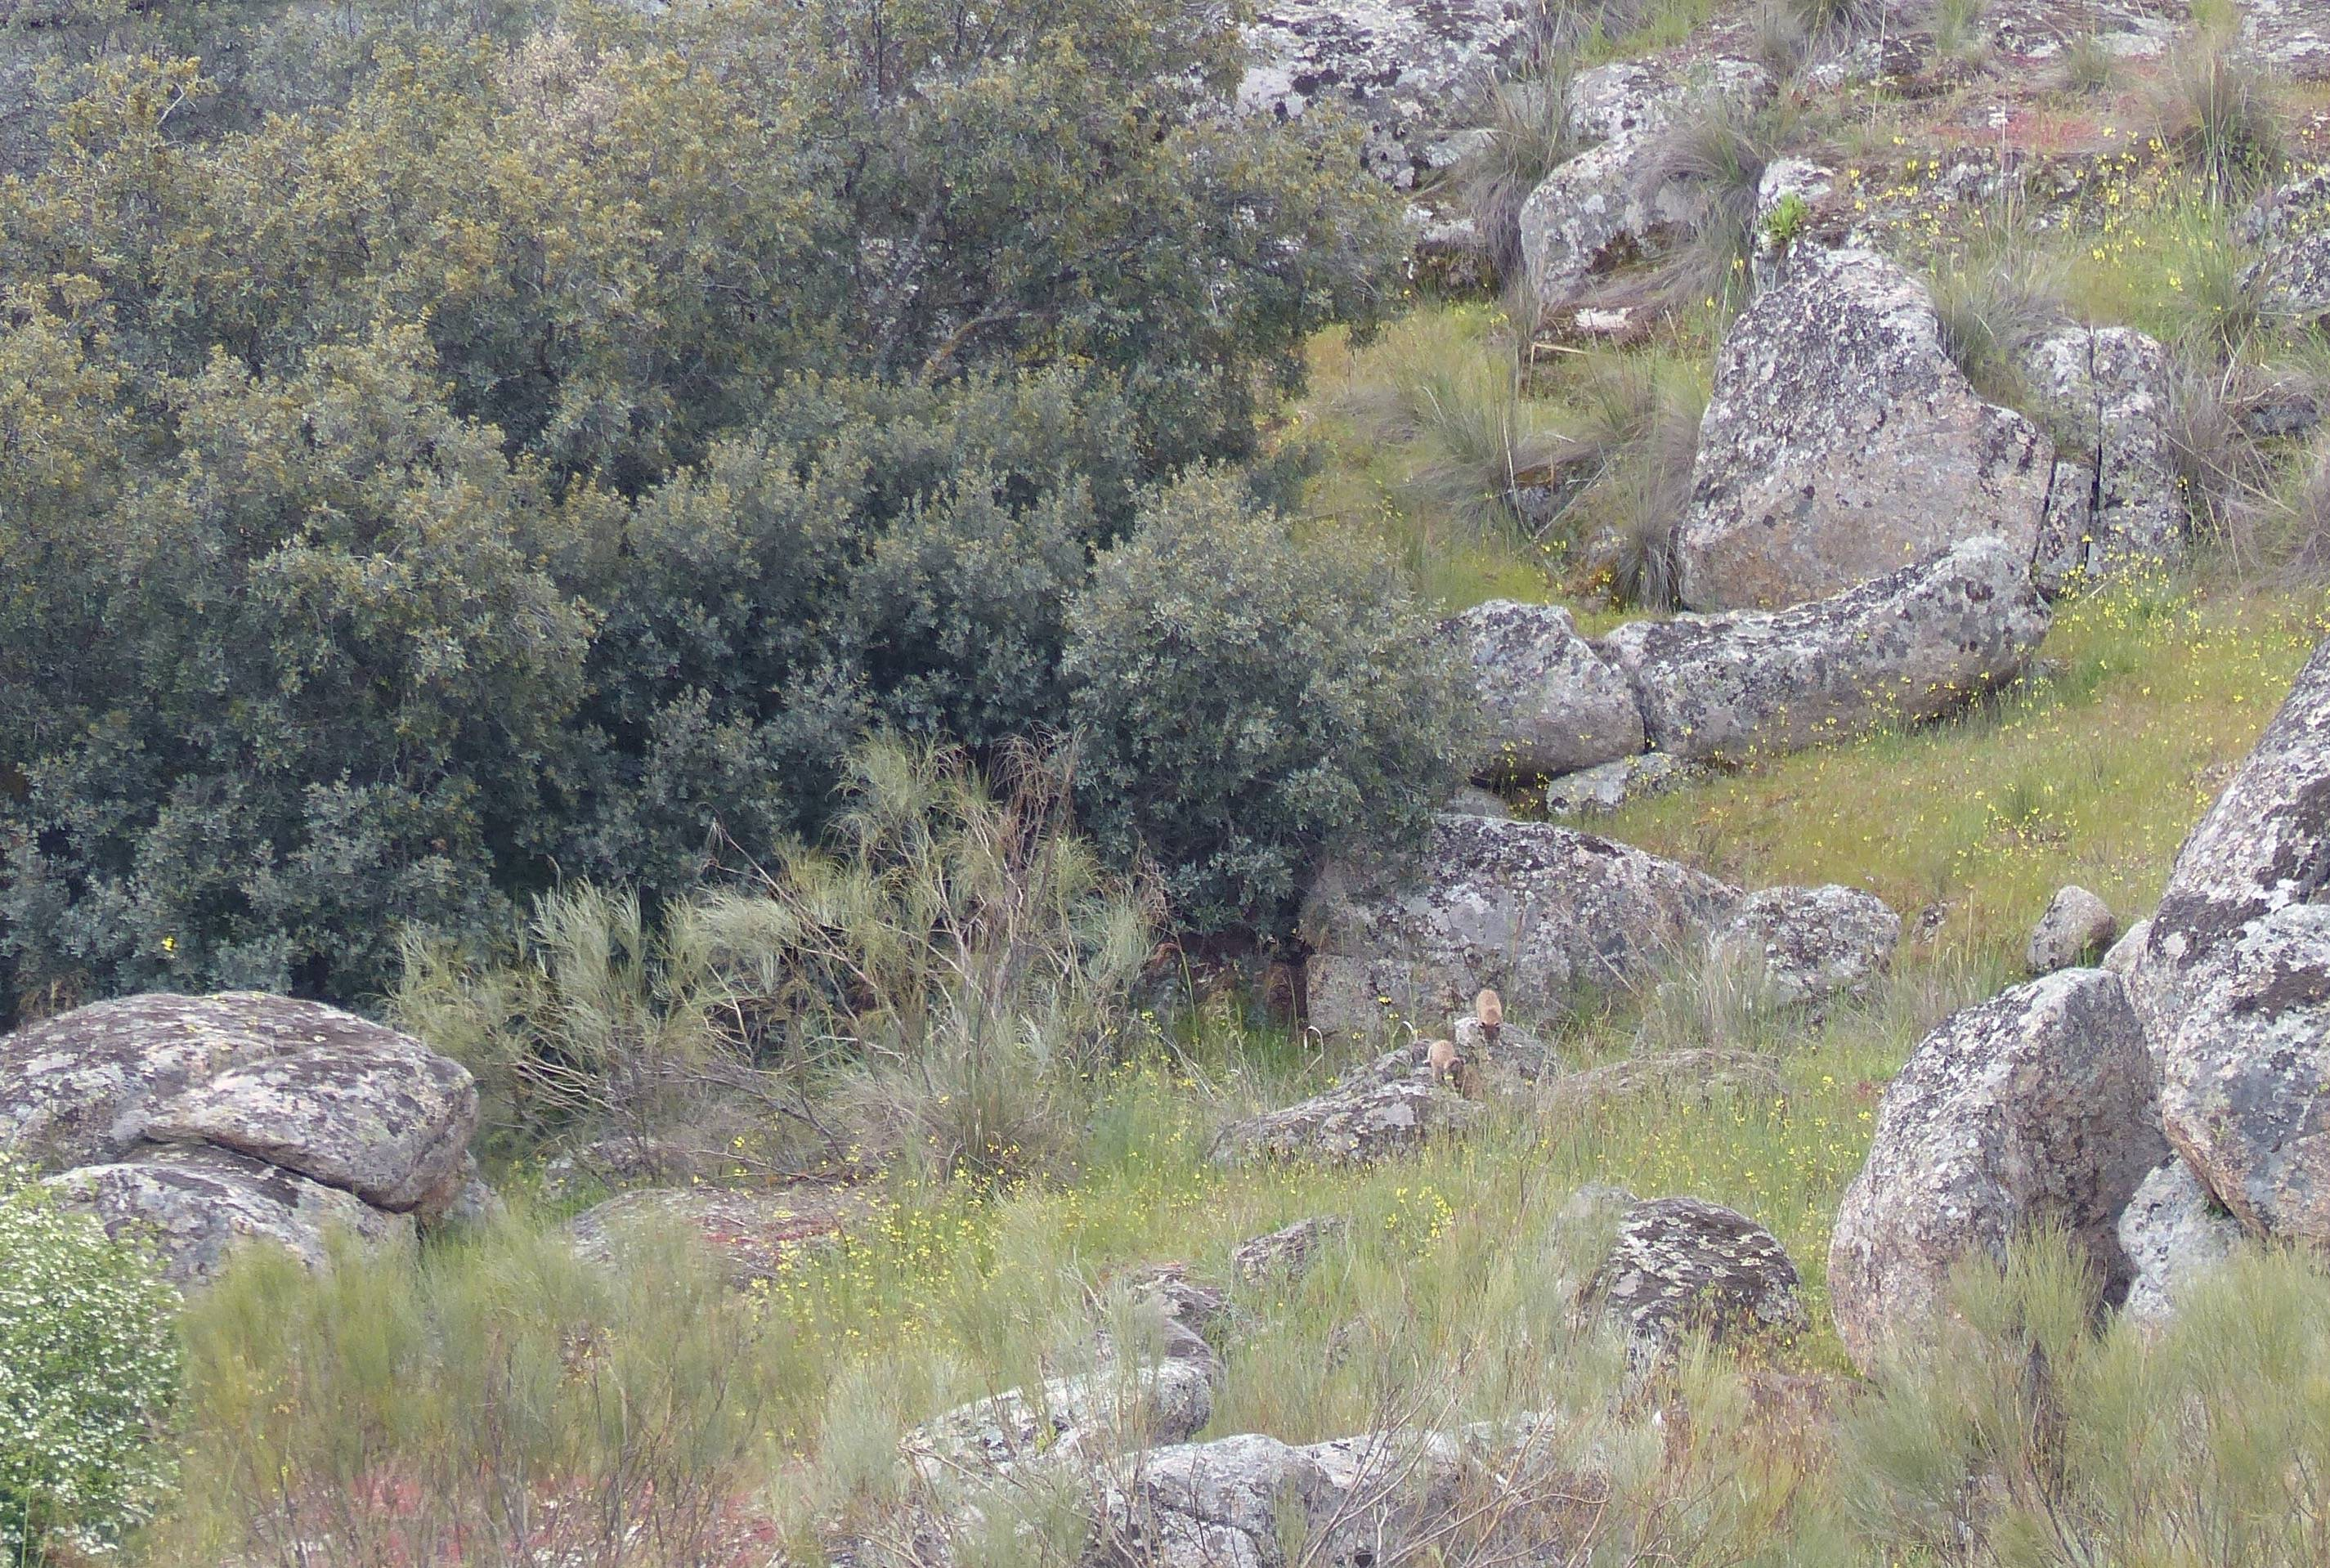 lince iberico libre en montes de toledo - Nacen cuatro cachorros de lince ibérico en los Montes de Toledo